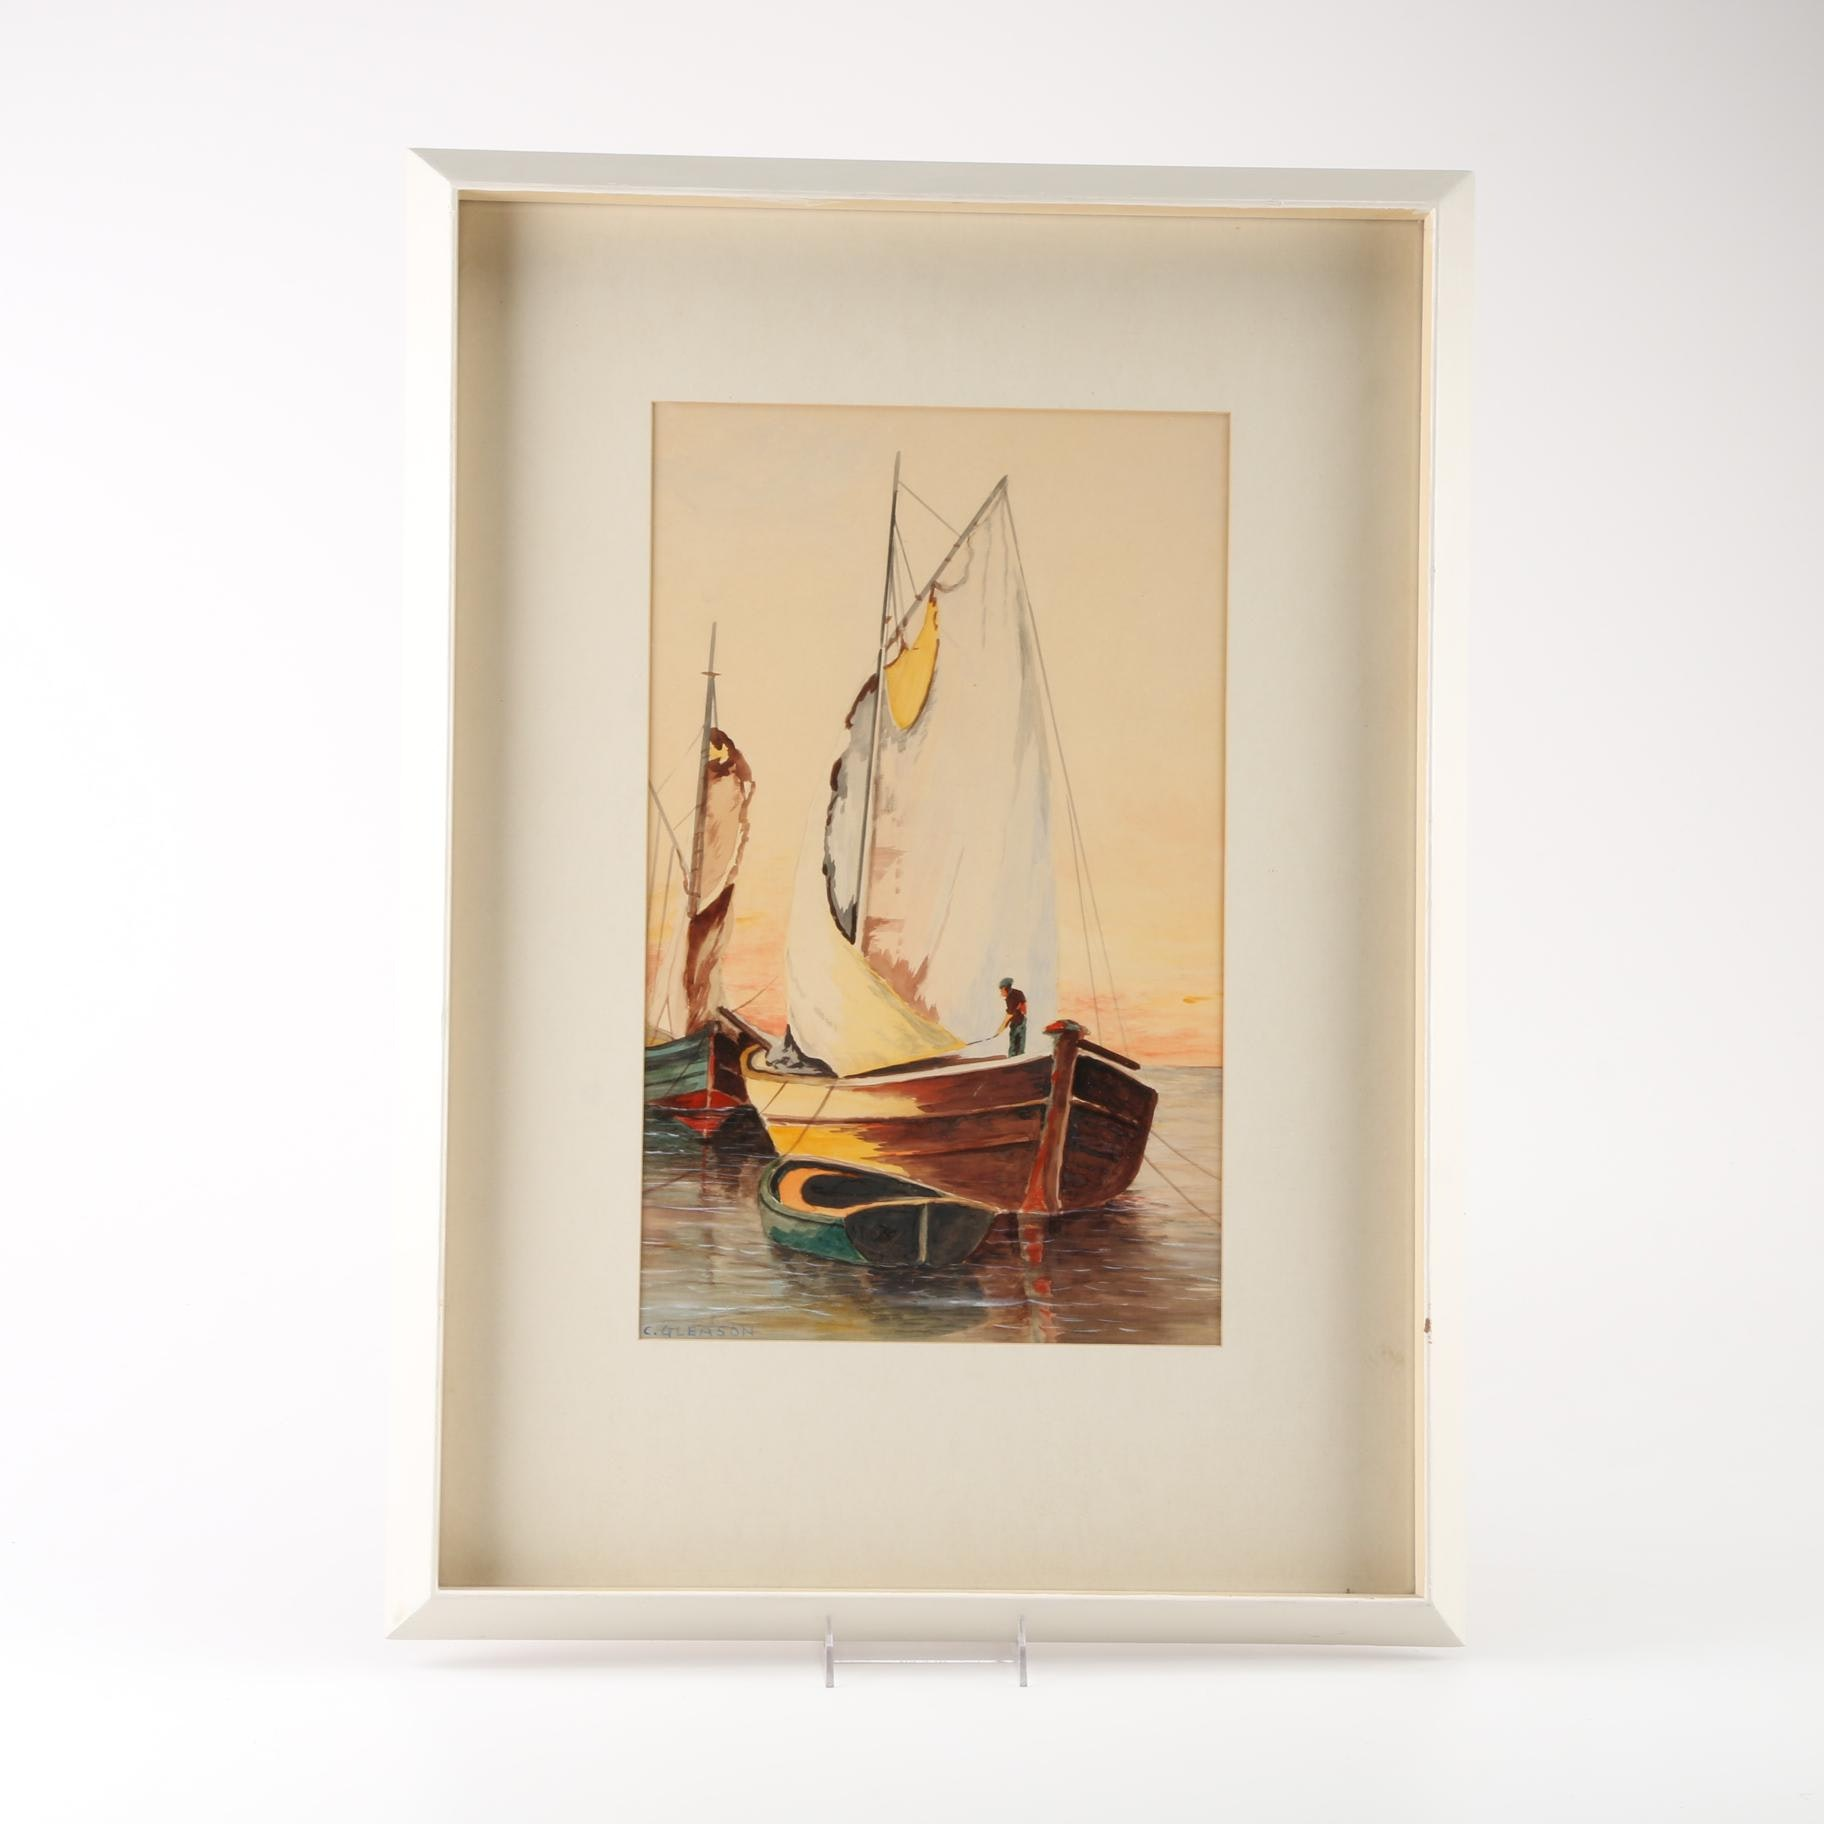 C. Gleason Watercolor on Paper Seascape